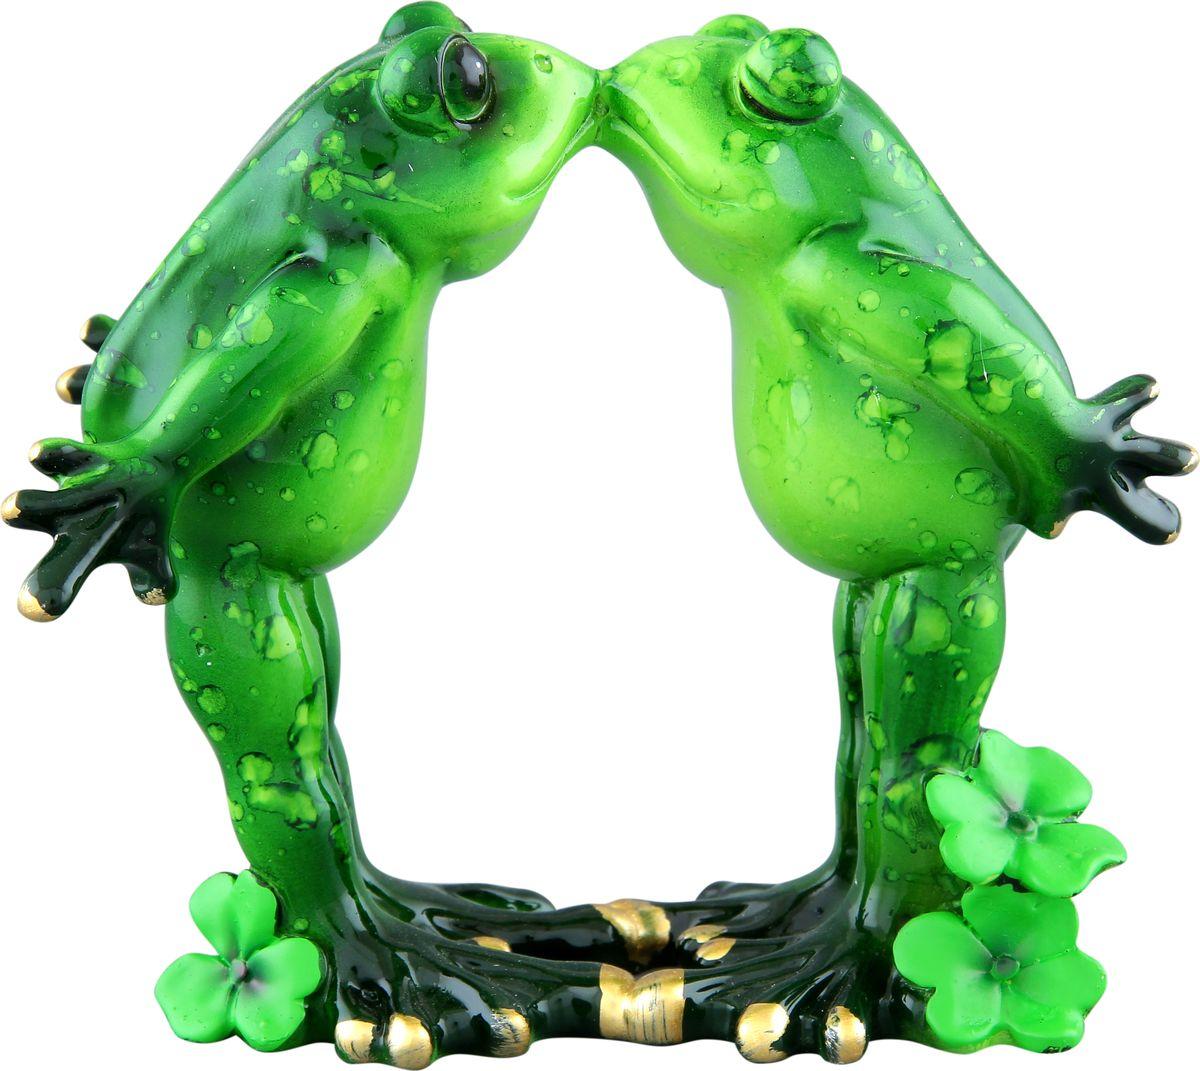 Фигурка декоративная Elan Gallery Влюбленные лягушки, 12,5 х 6,8 х 11 см870070Декоративные фигурки - это отличный способ разнообразить внутреннее убранство дома, частичка вашей индивидуальности в облике жилища!